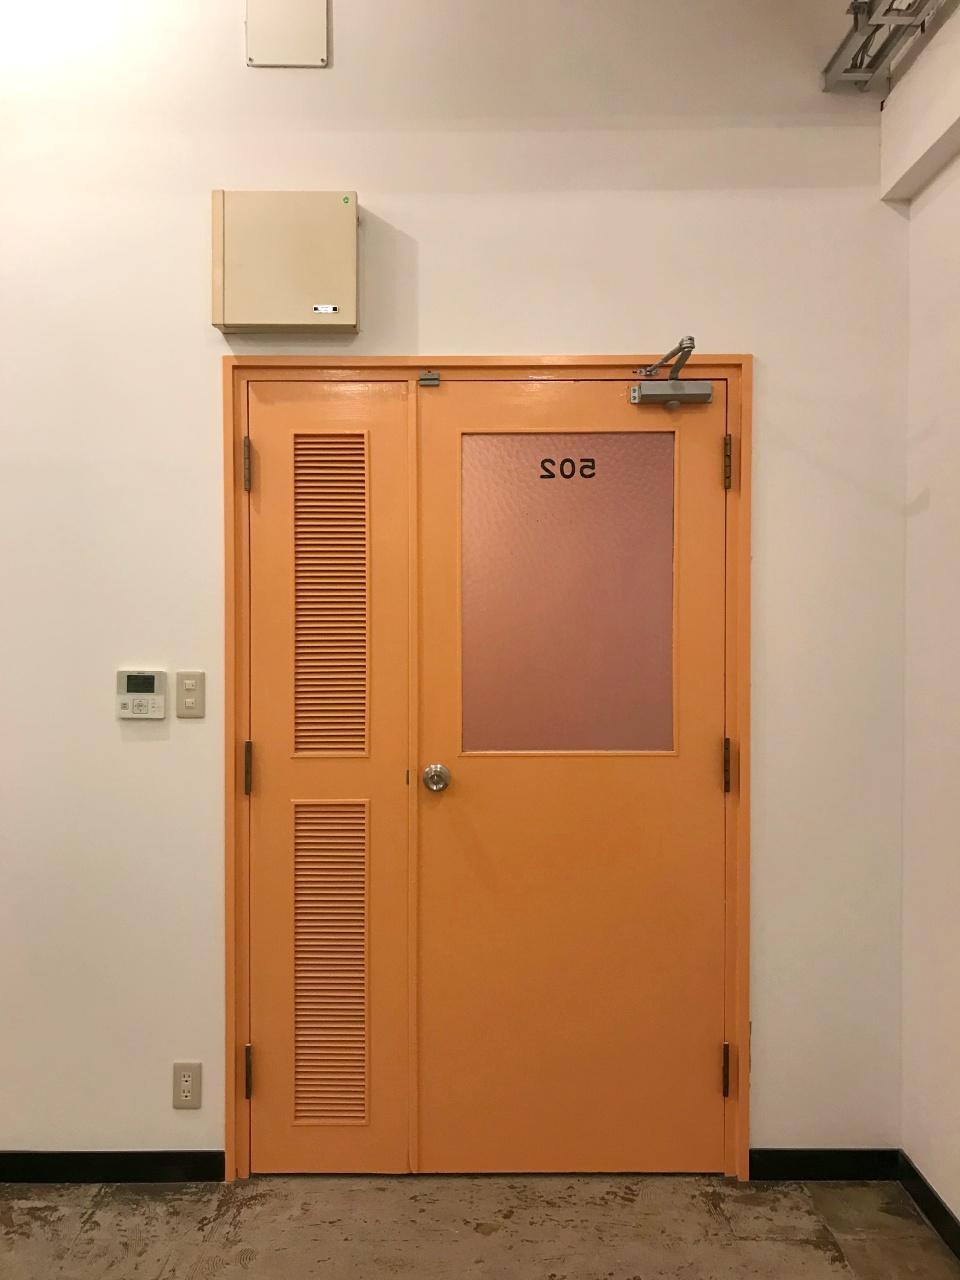 5階のテーマカラーはオレンジ(サーモンピンク?)